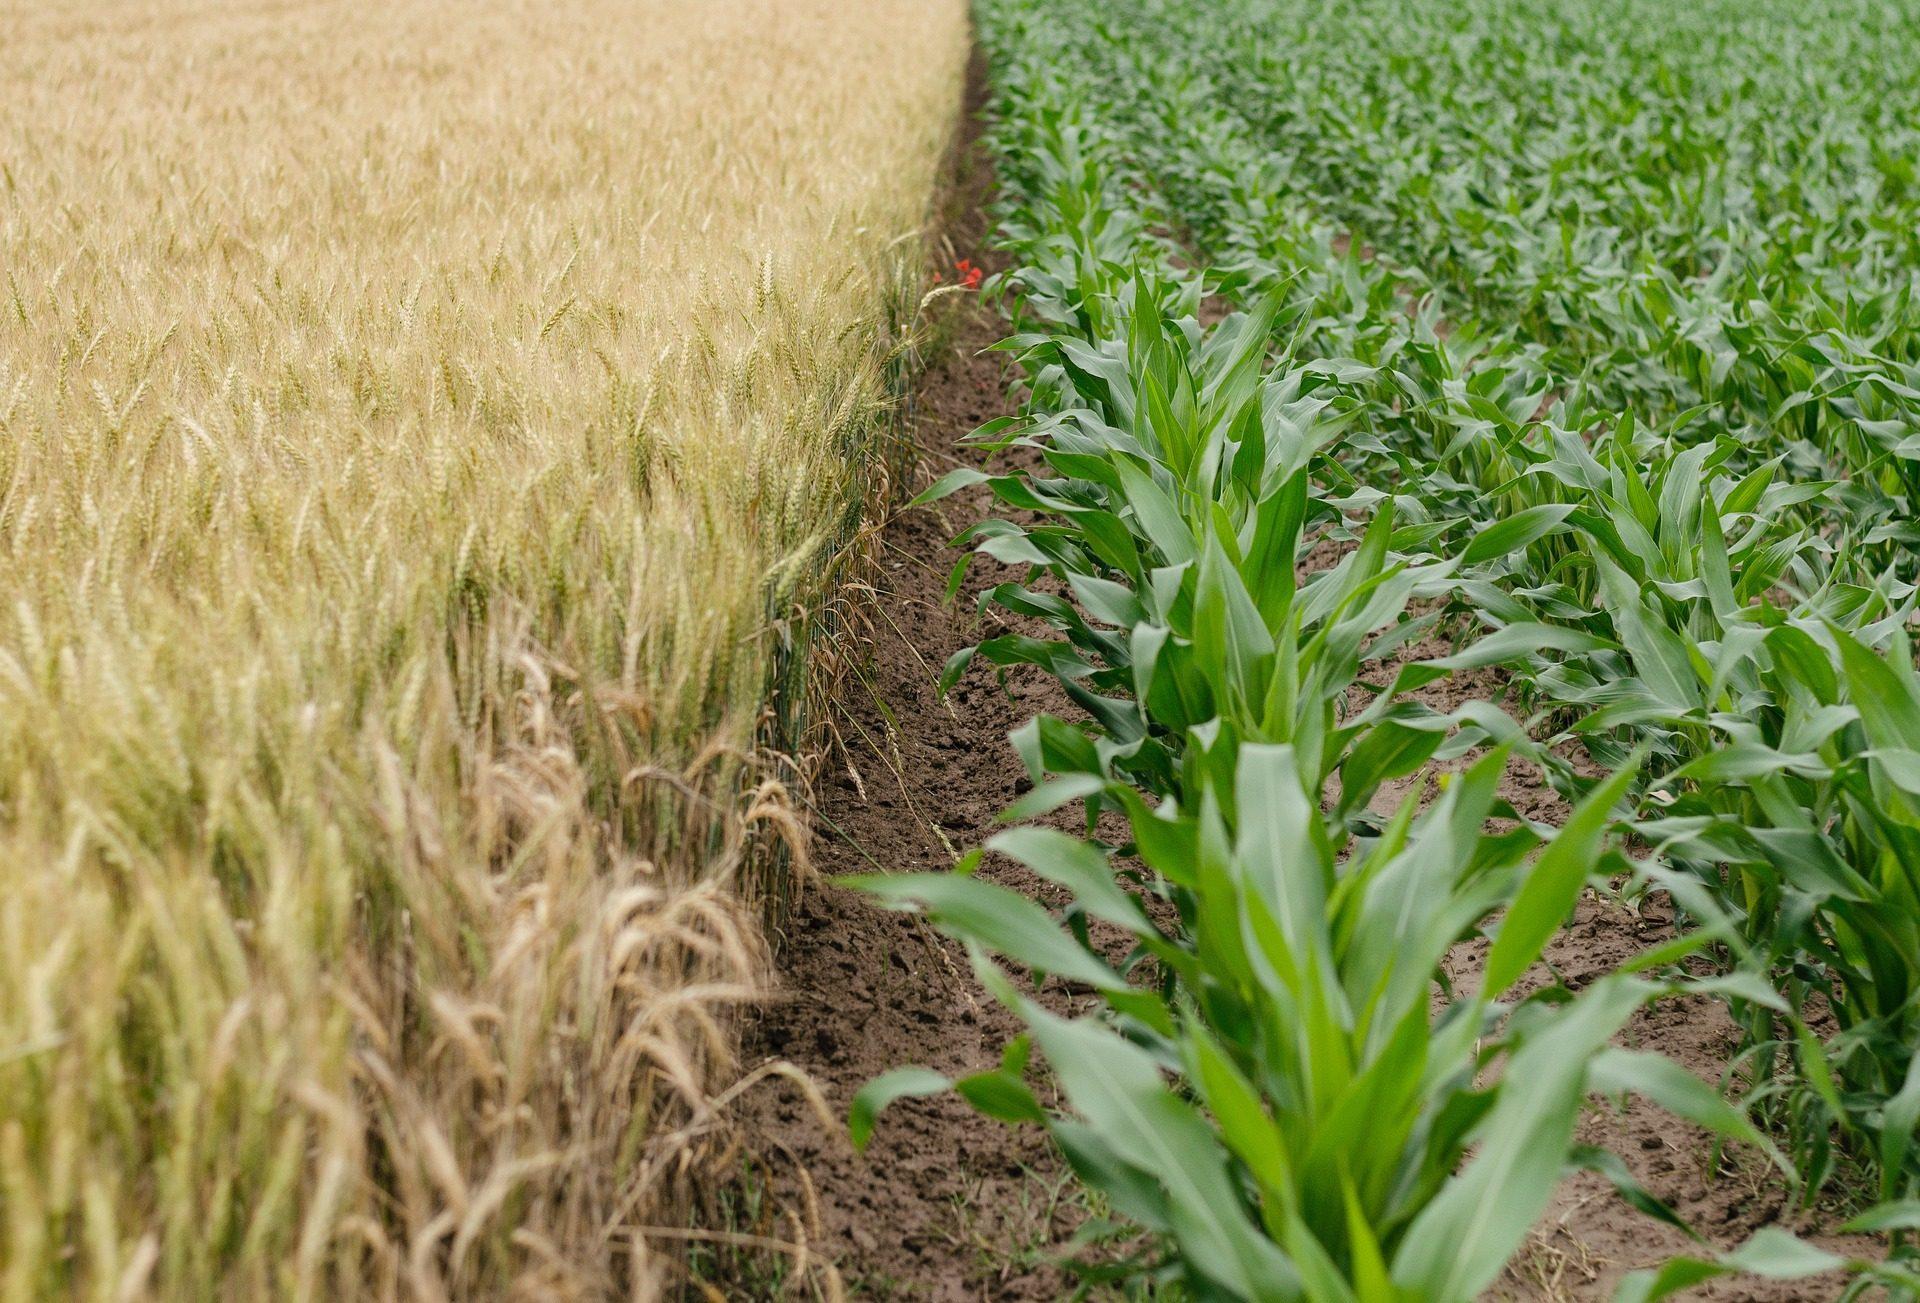 Plantation, Agricoltura, Riso, mais, piante, campi - Sfondi HD - Professor-falken.com